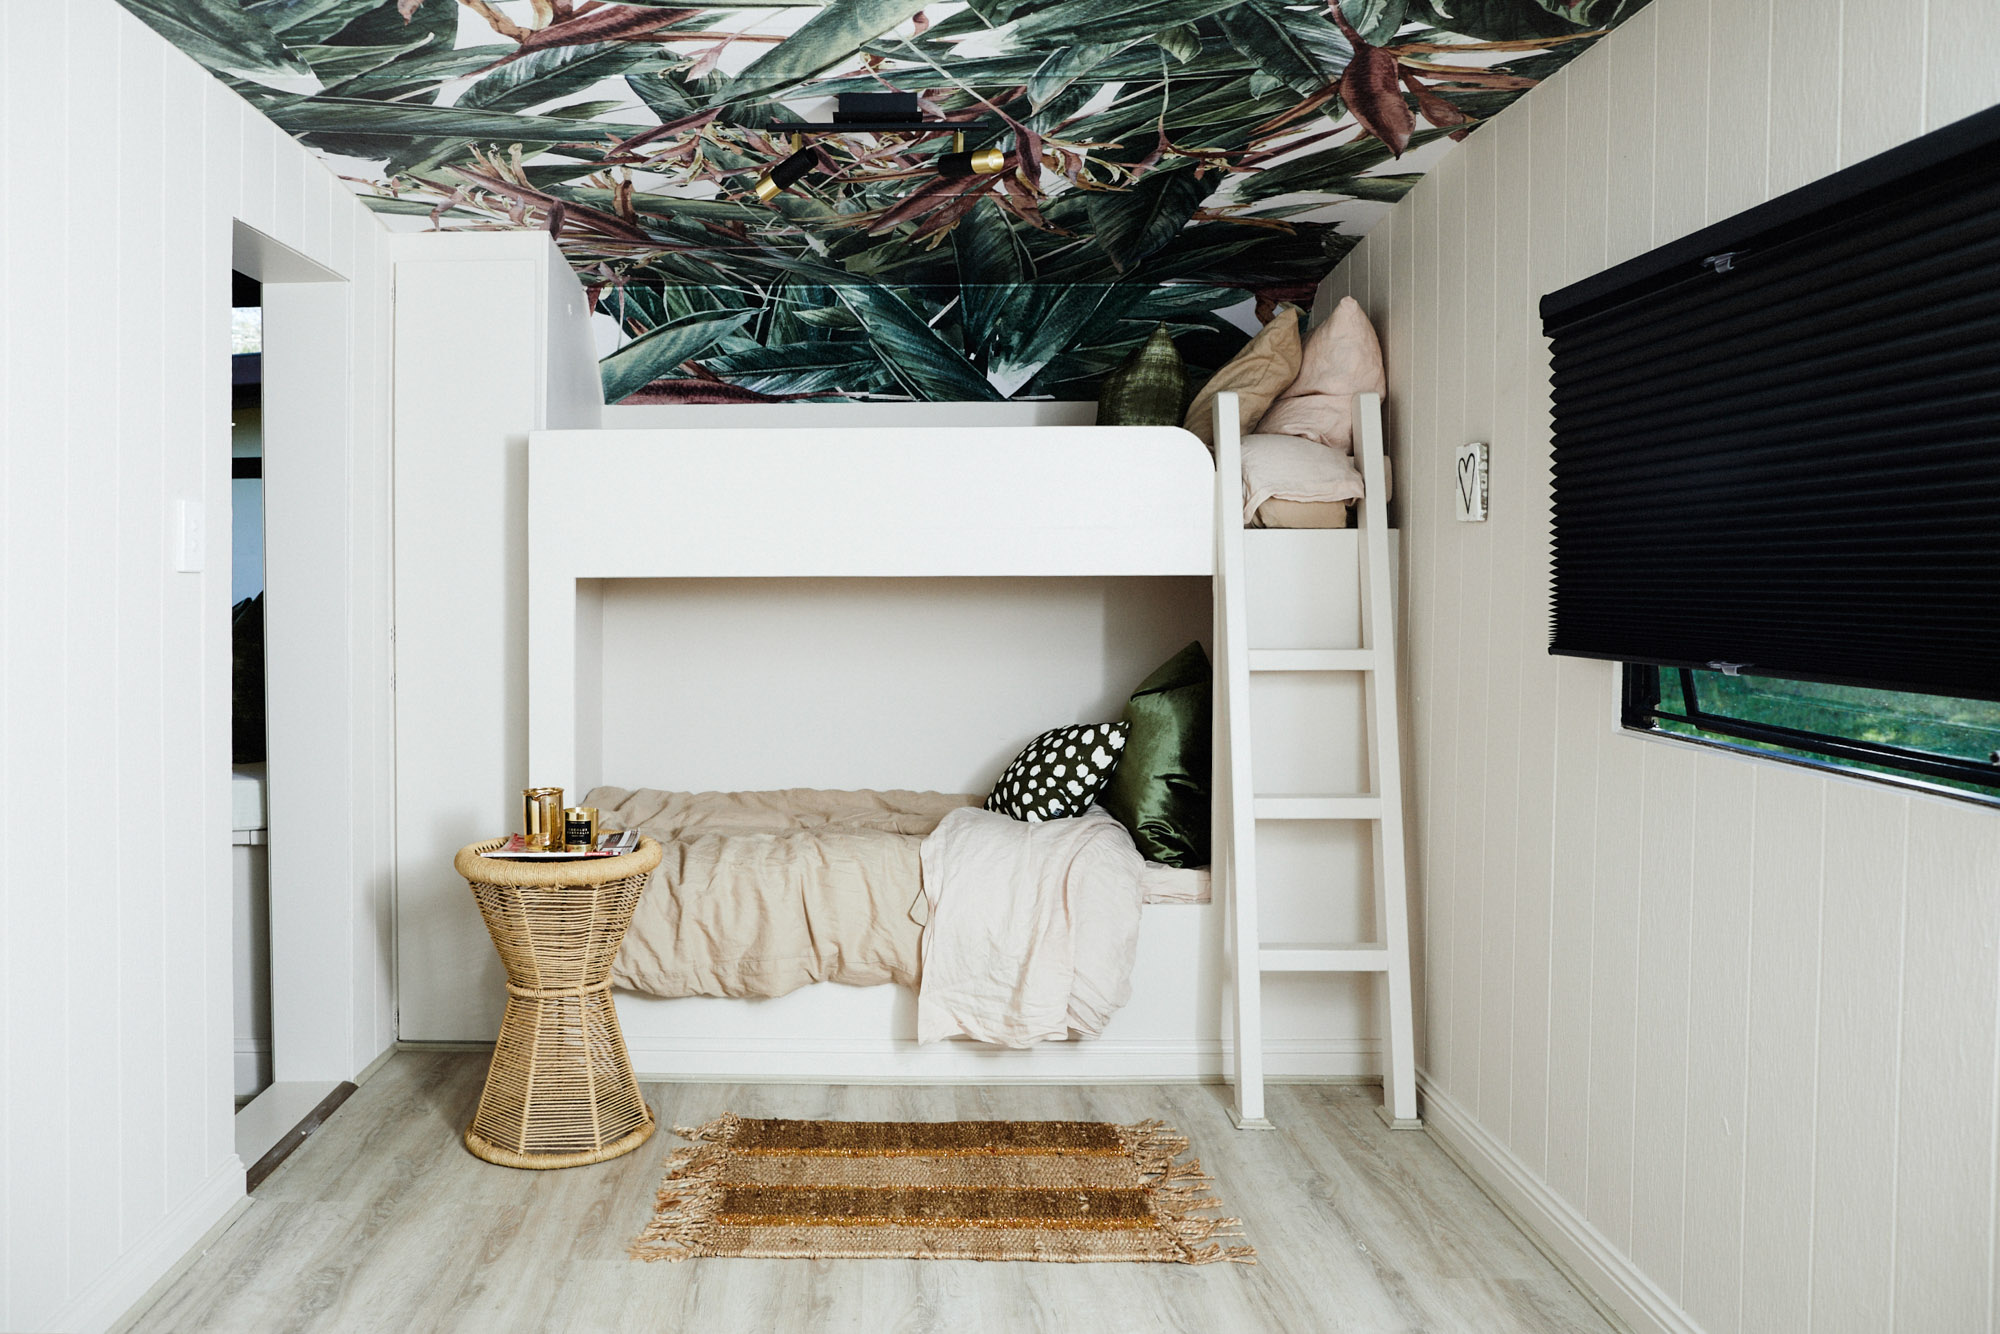 Bunk Beds, Wallpaper